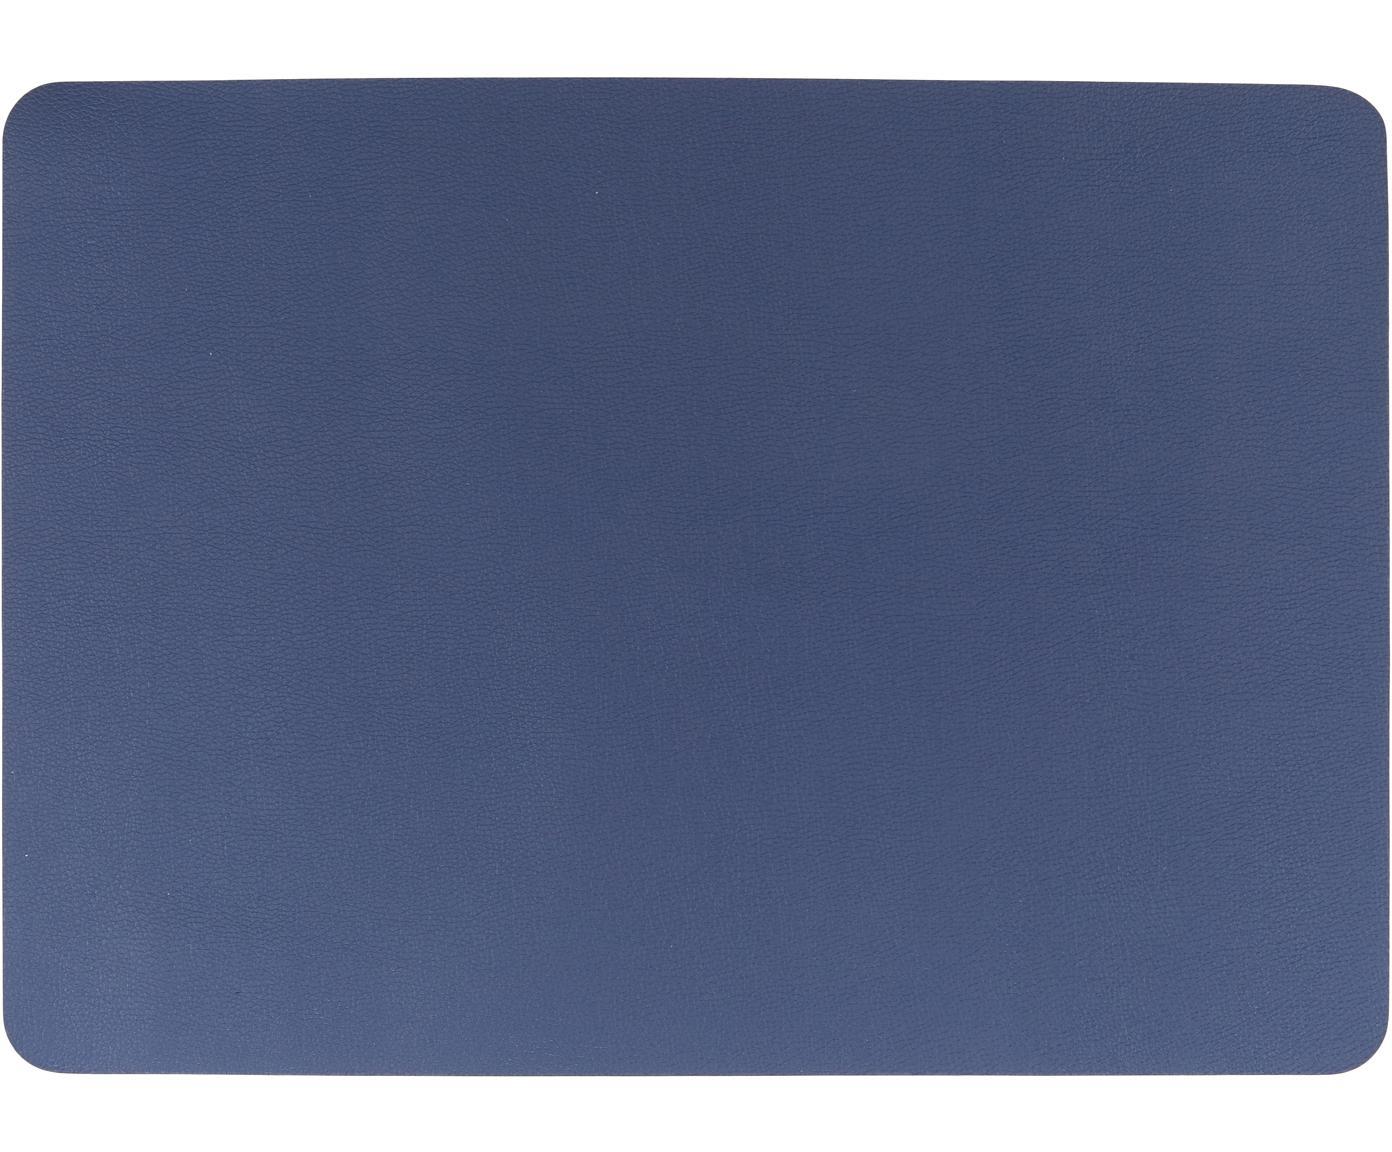 Podkładka ze sztucznej skóry Pik, 2 szt., Sztuczna skóra (PVC), Granatowy, S 33 x D 46 cm